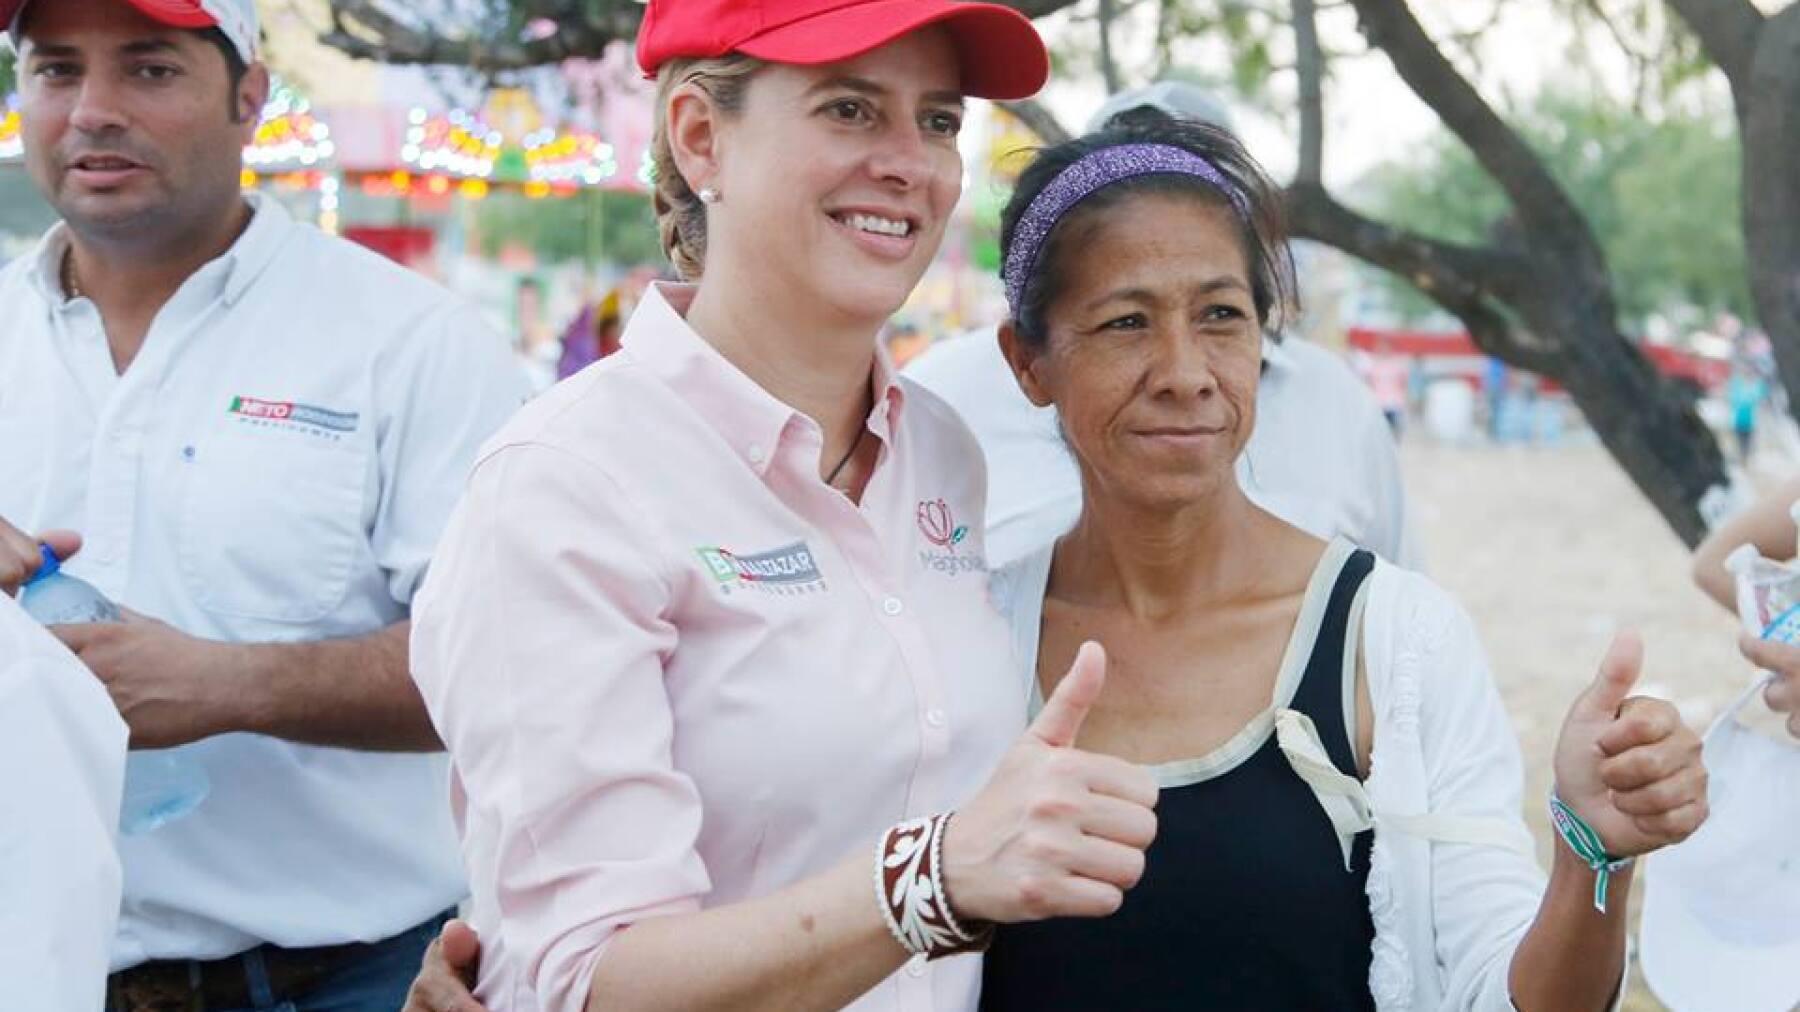 La esposa de Baltazar Hinojosa encabeza el movimiento Magnolias Tamaulipecas, que promueve las propuestas del priista.